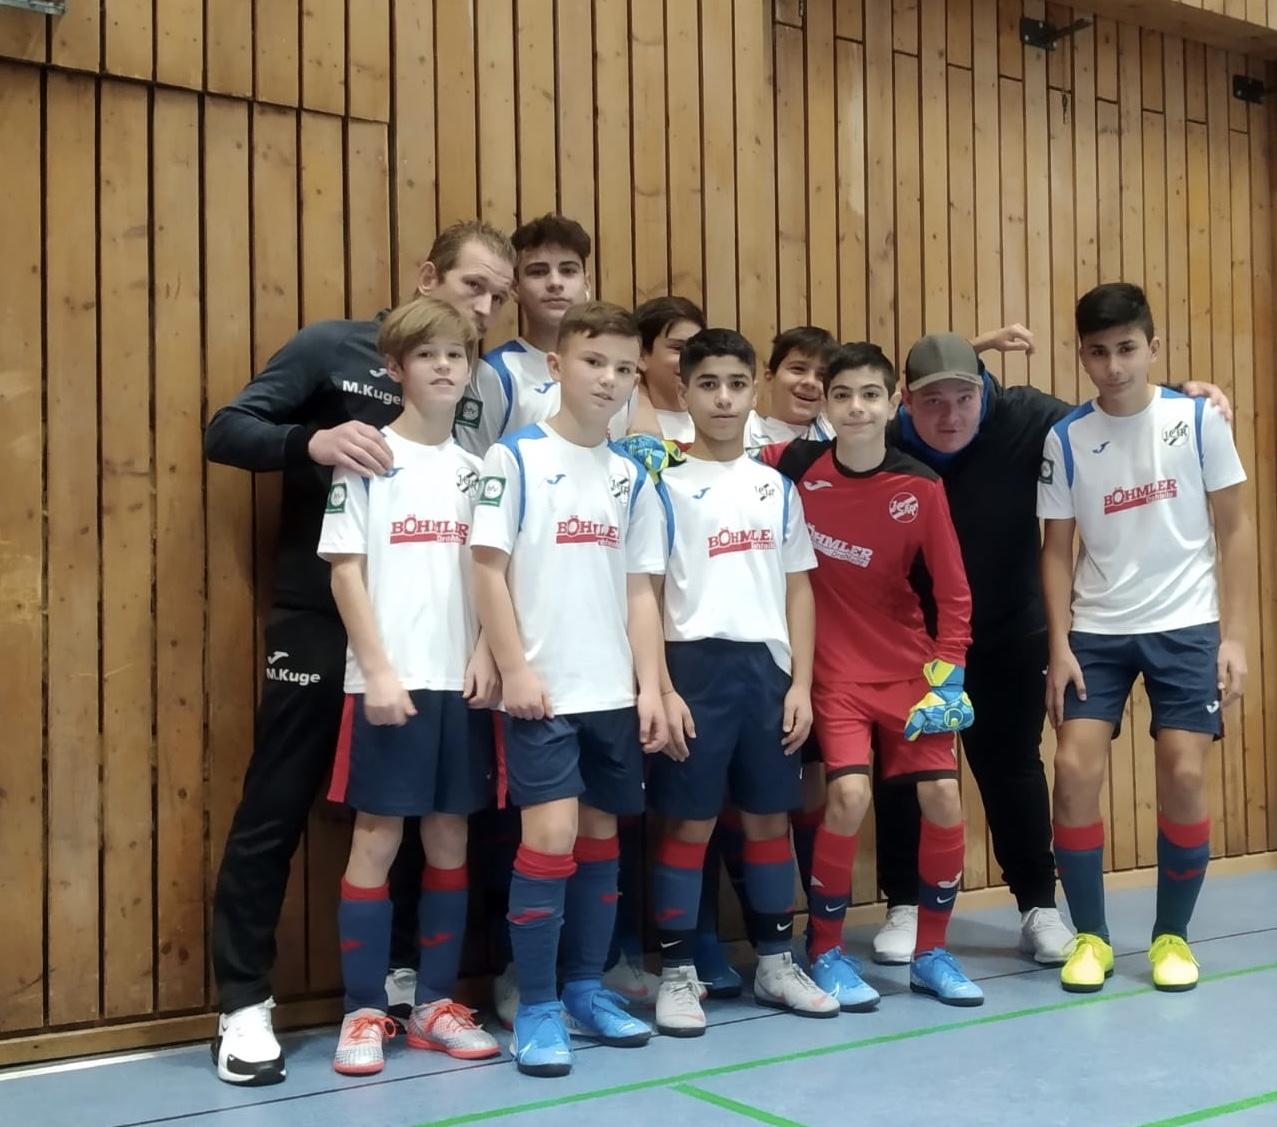 U13: Guter 4. Platz beim Turnier in Karlsruhe